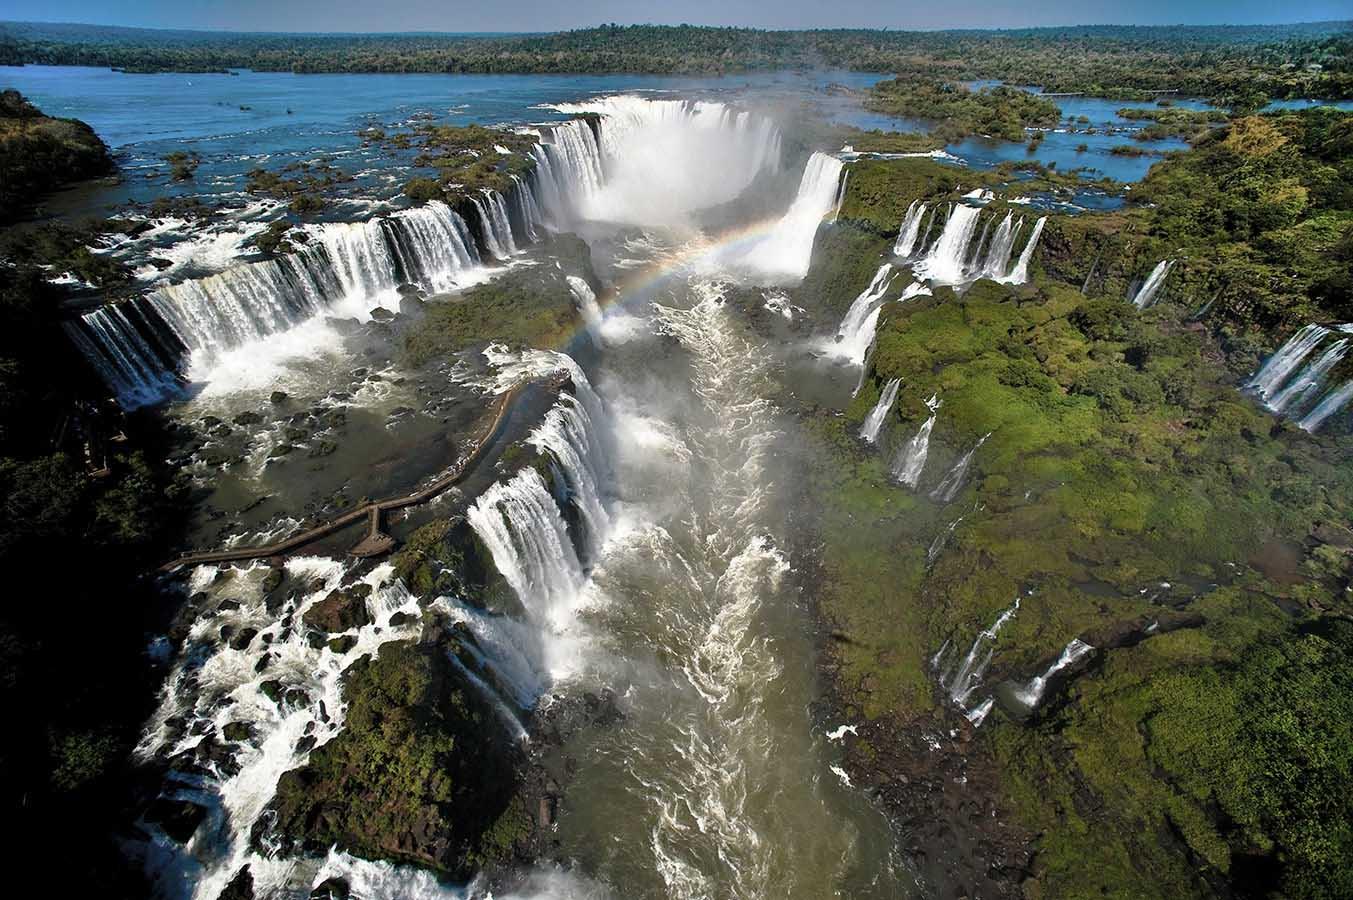 Parque Nacional do Iguaçu | Paraná | Brasil